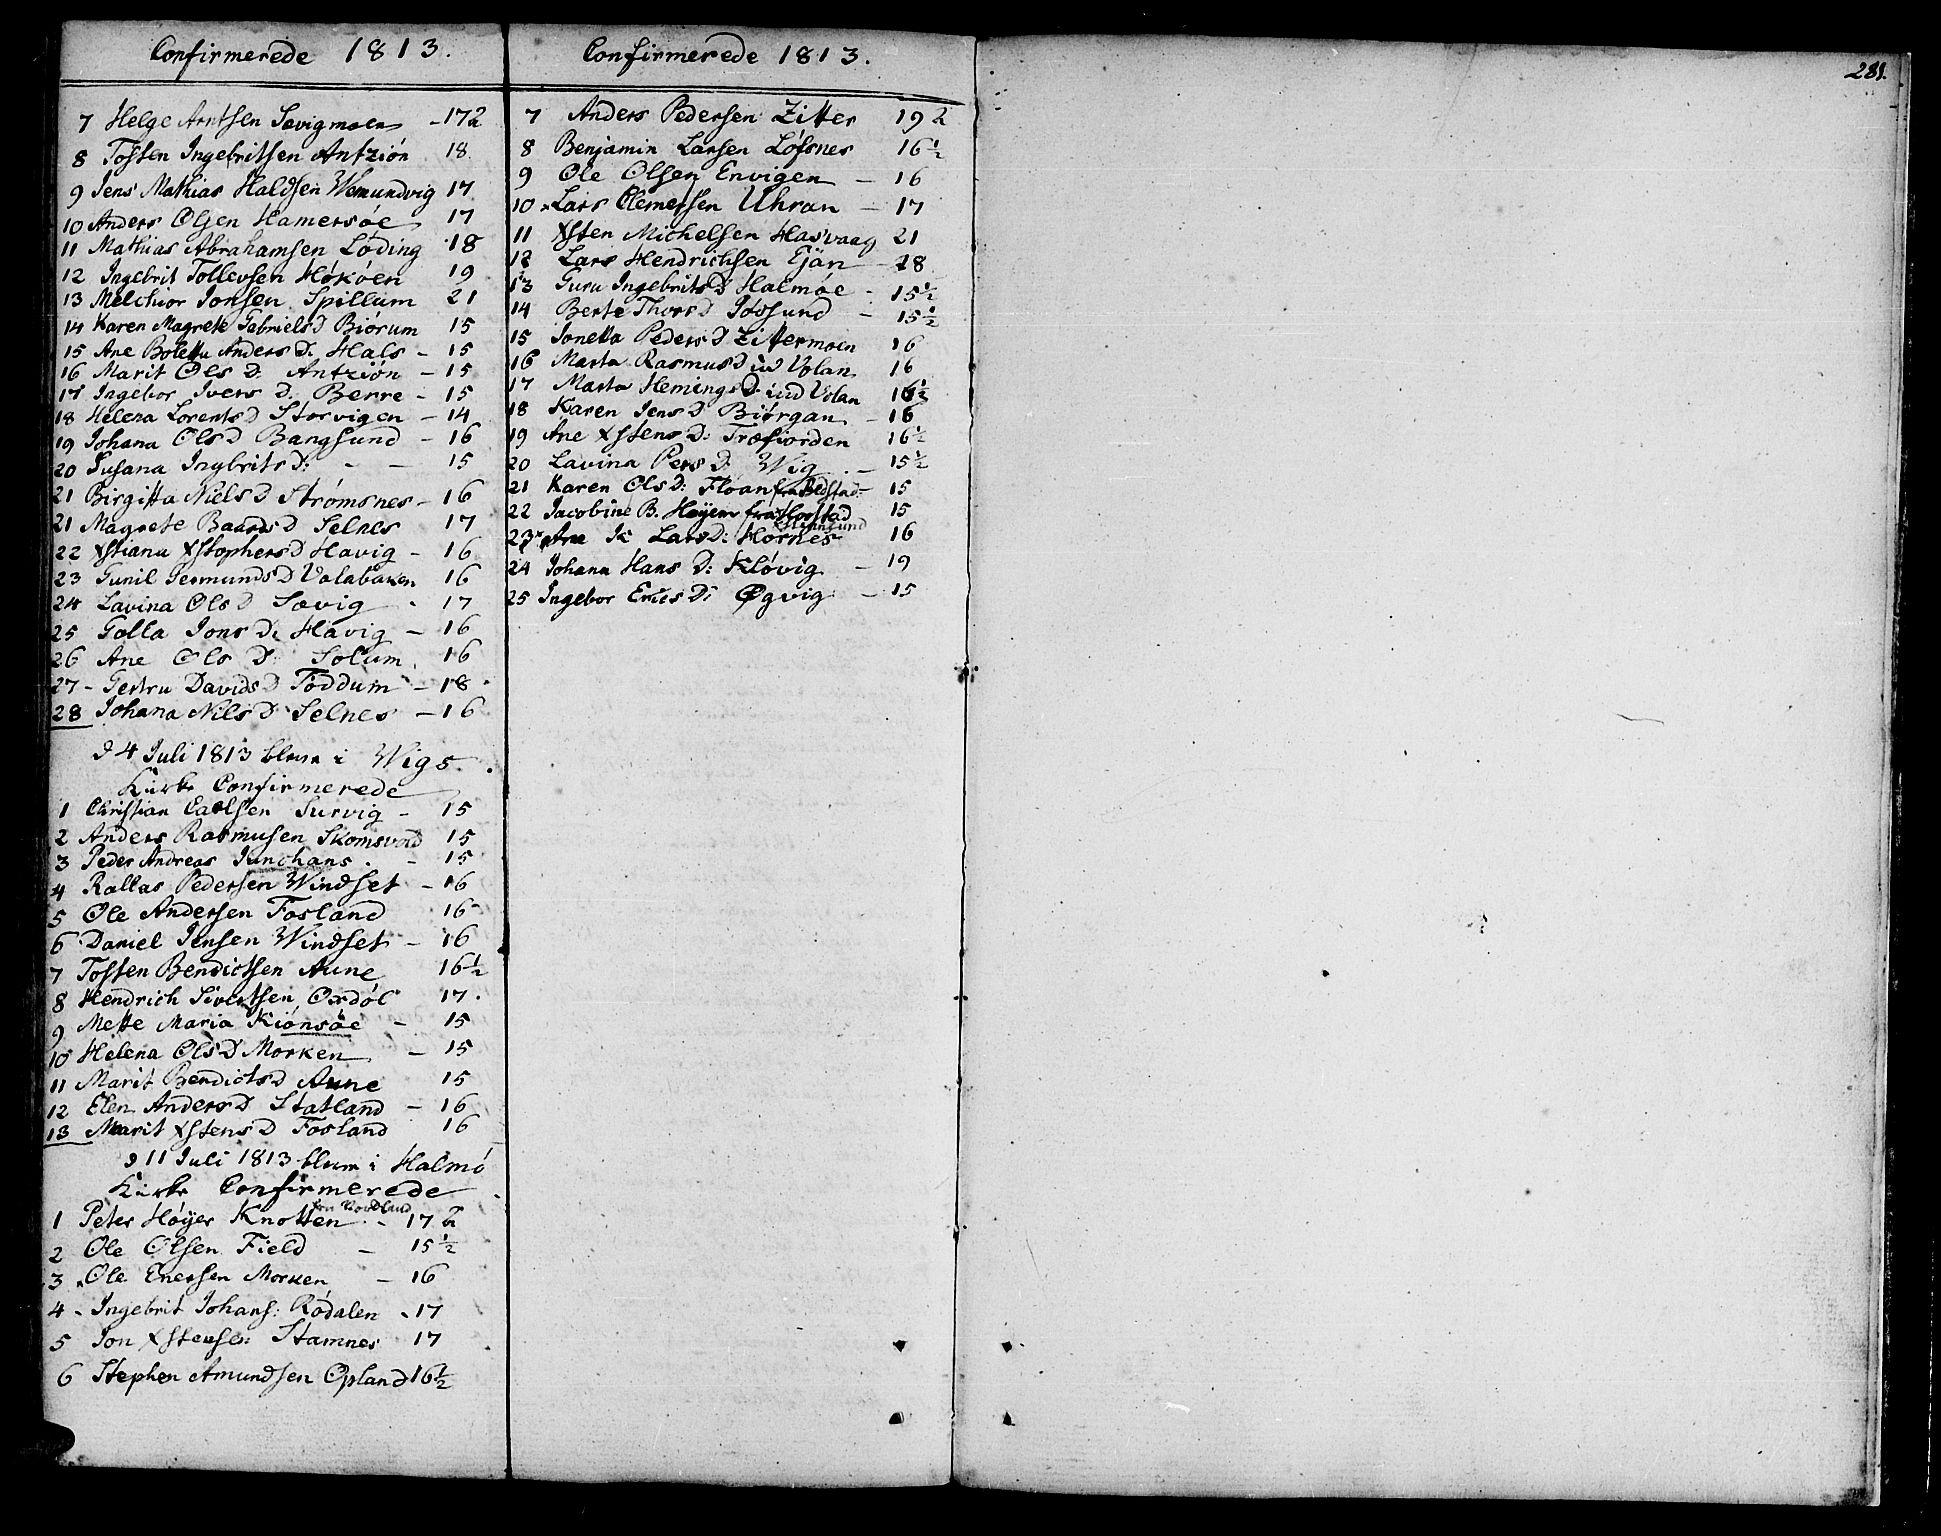 SAT, Ministerialprotokoller, klokkerbøker og fødselsregistre - Nord-Trøndelag, 773/L0608: Ministerialbok nr. 773A02, 1784-1816, s. 281